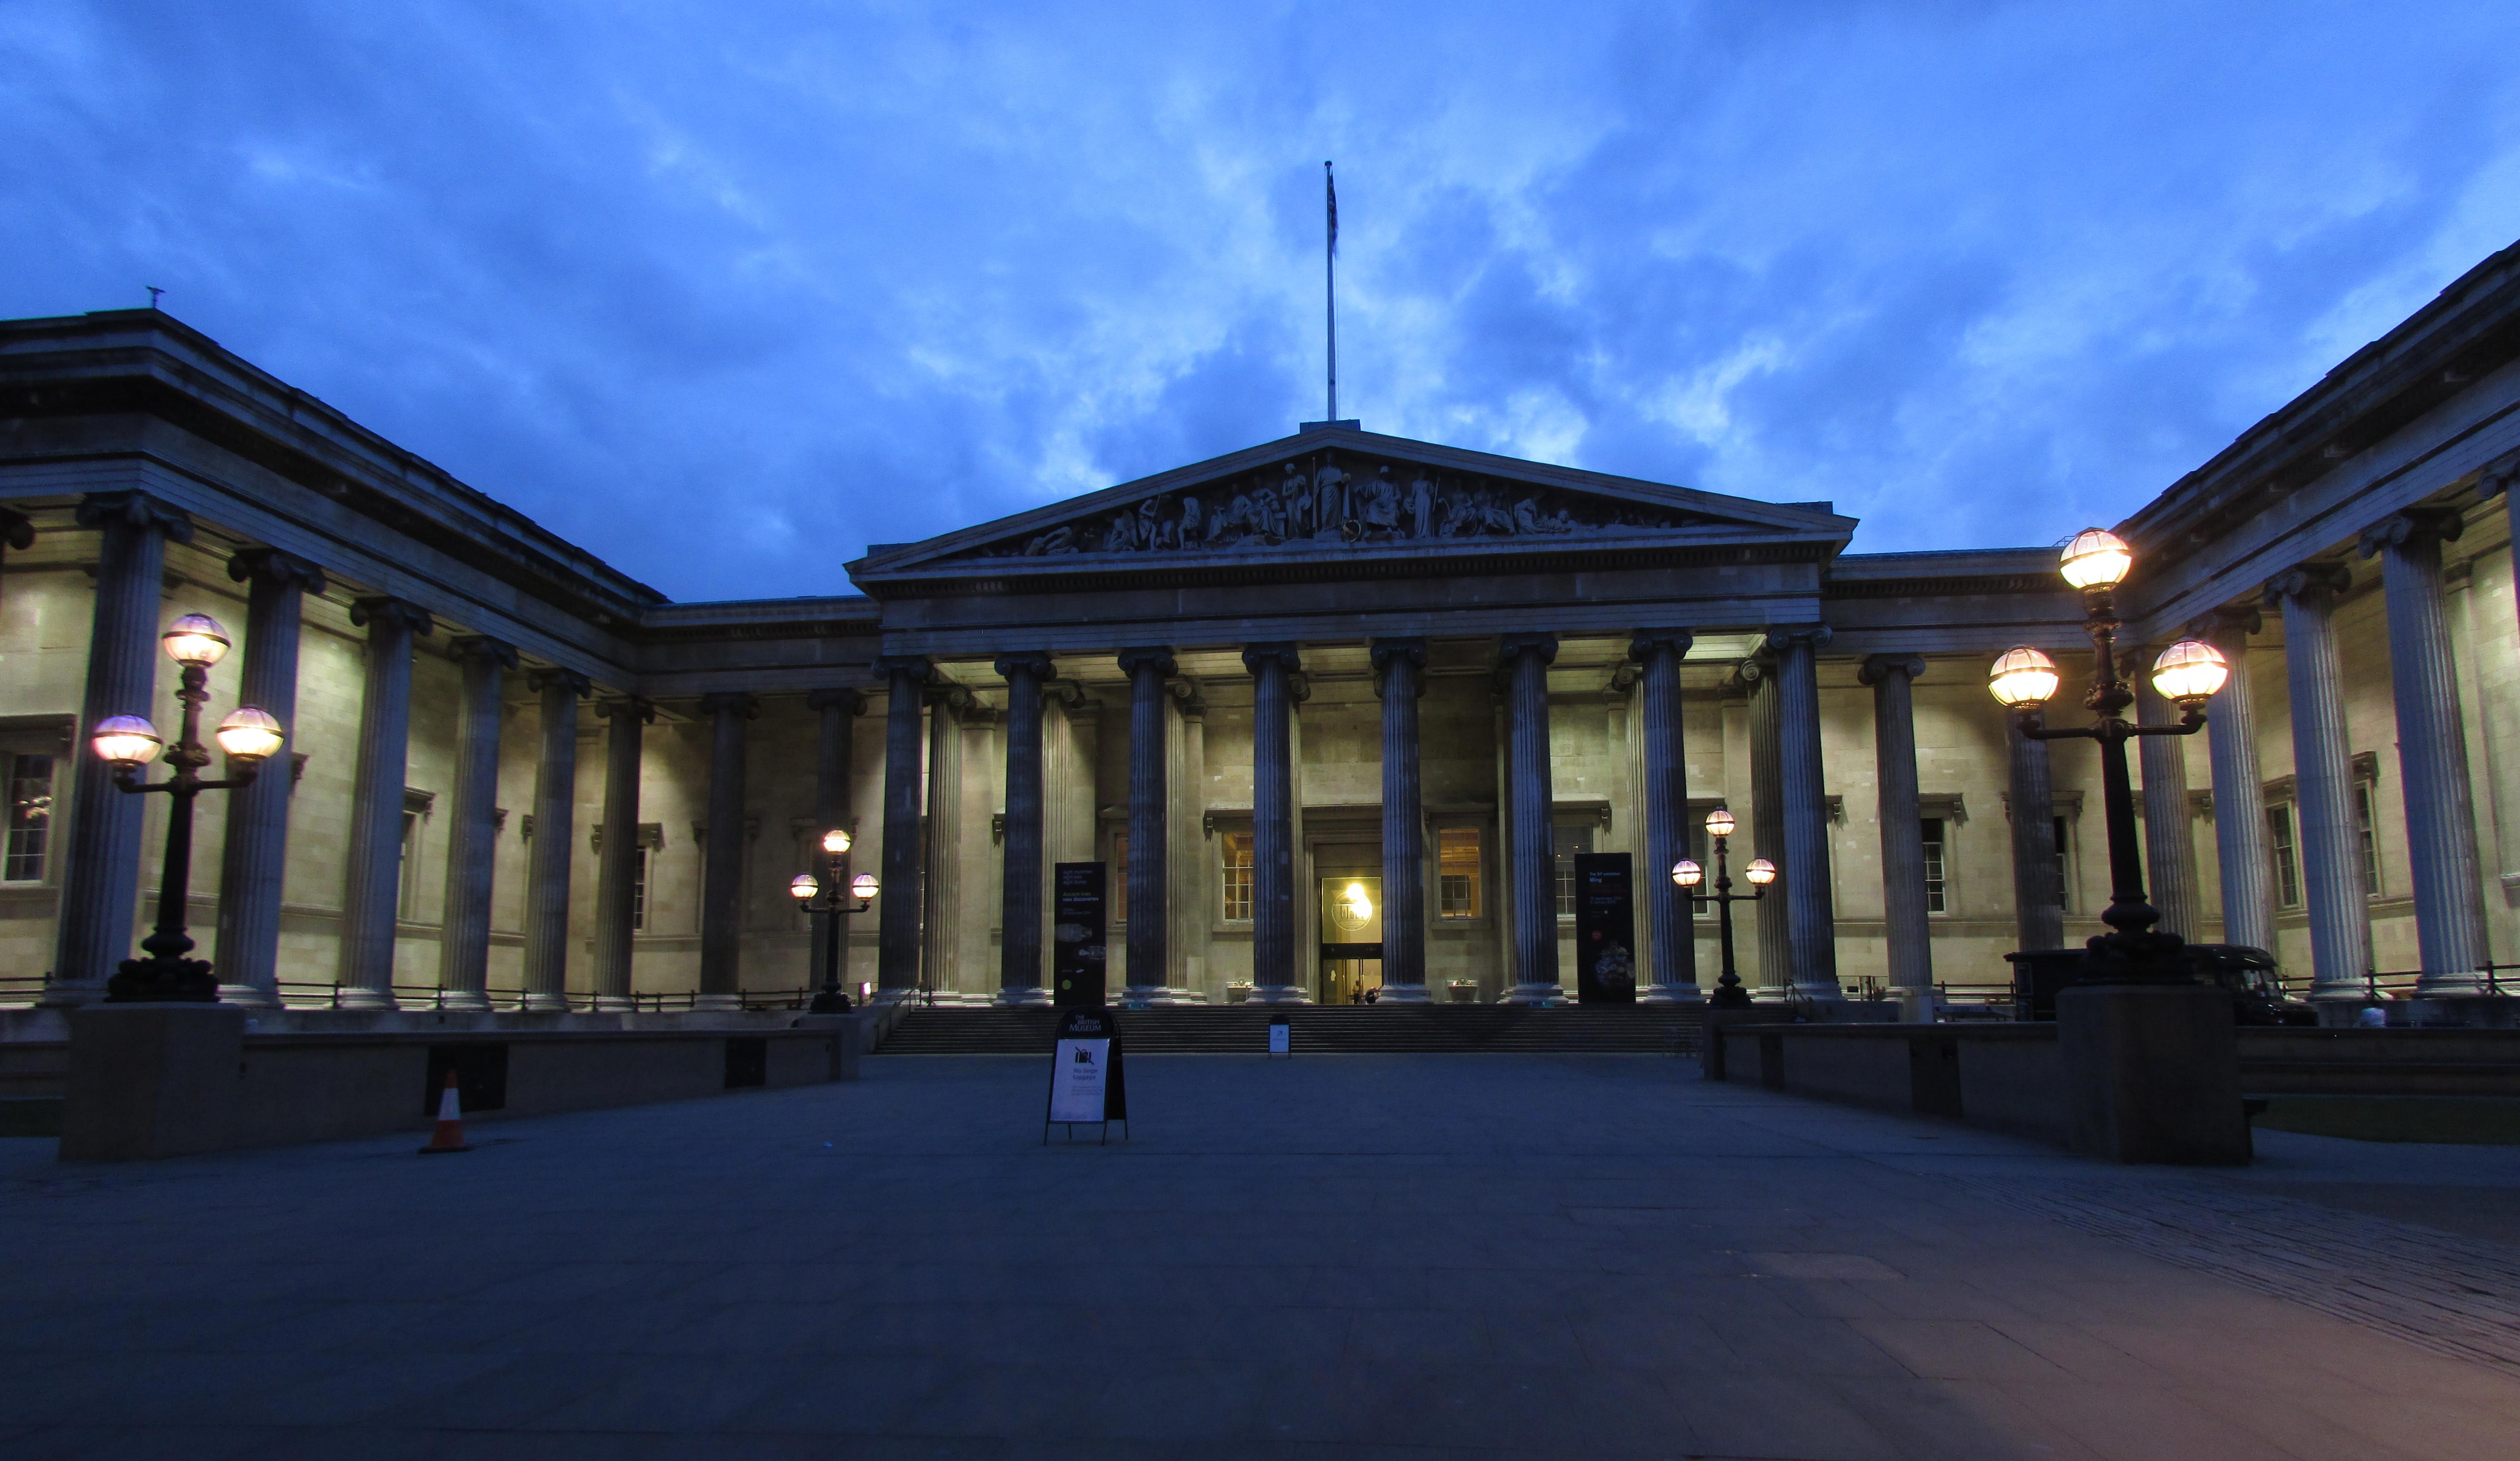 File:British Museum   Exterior Night View